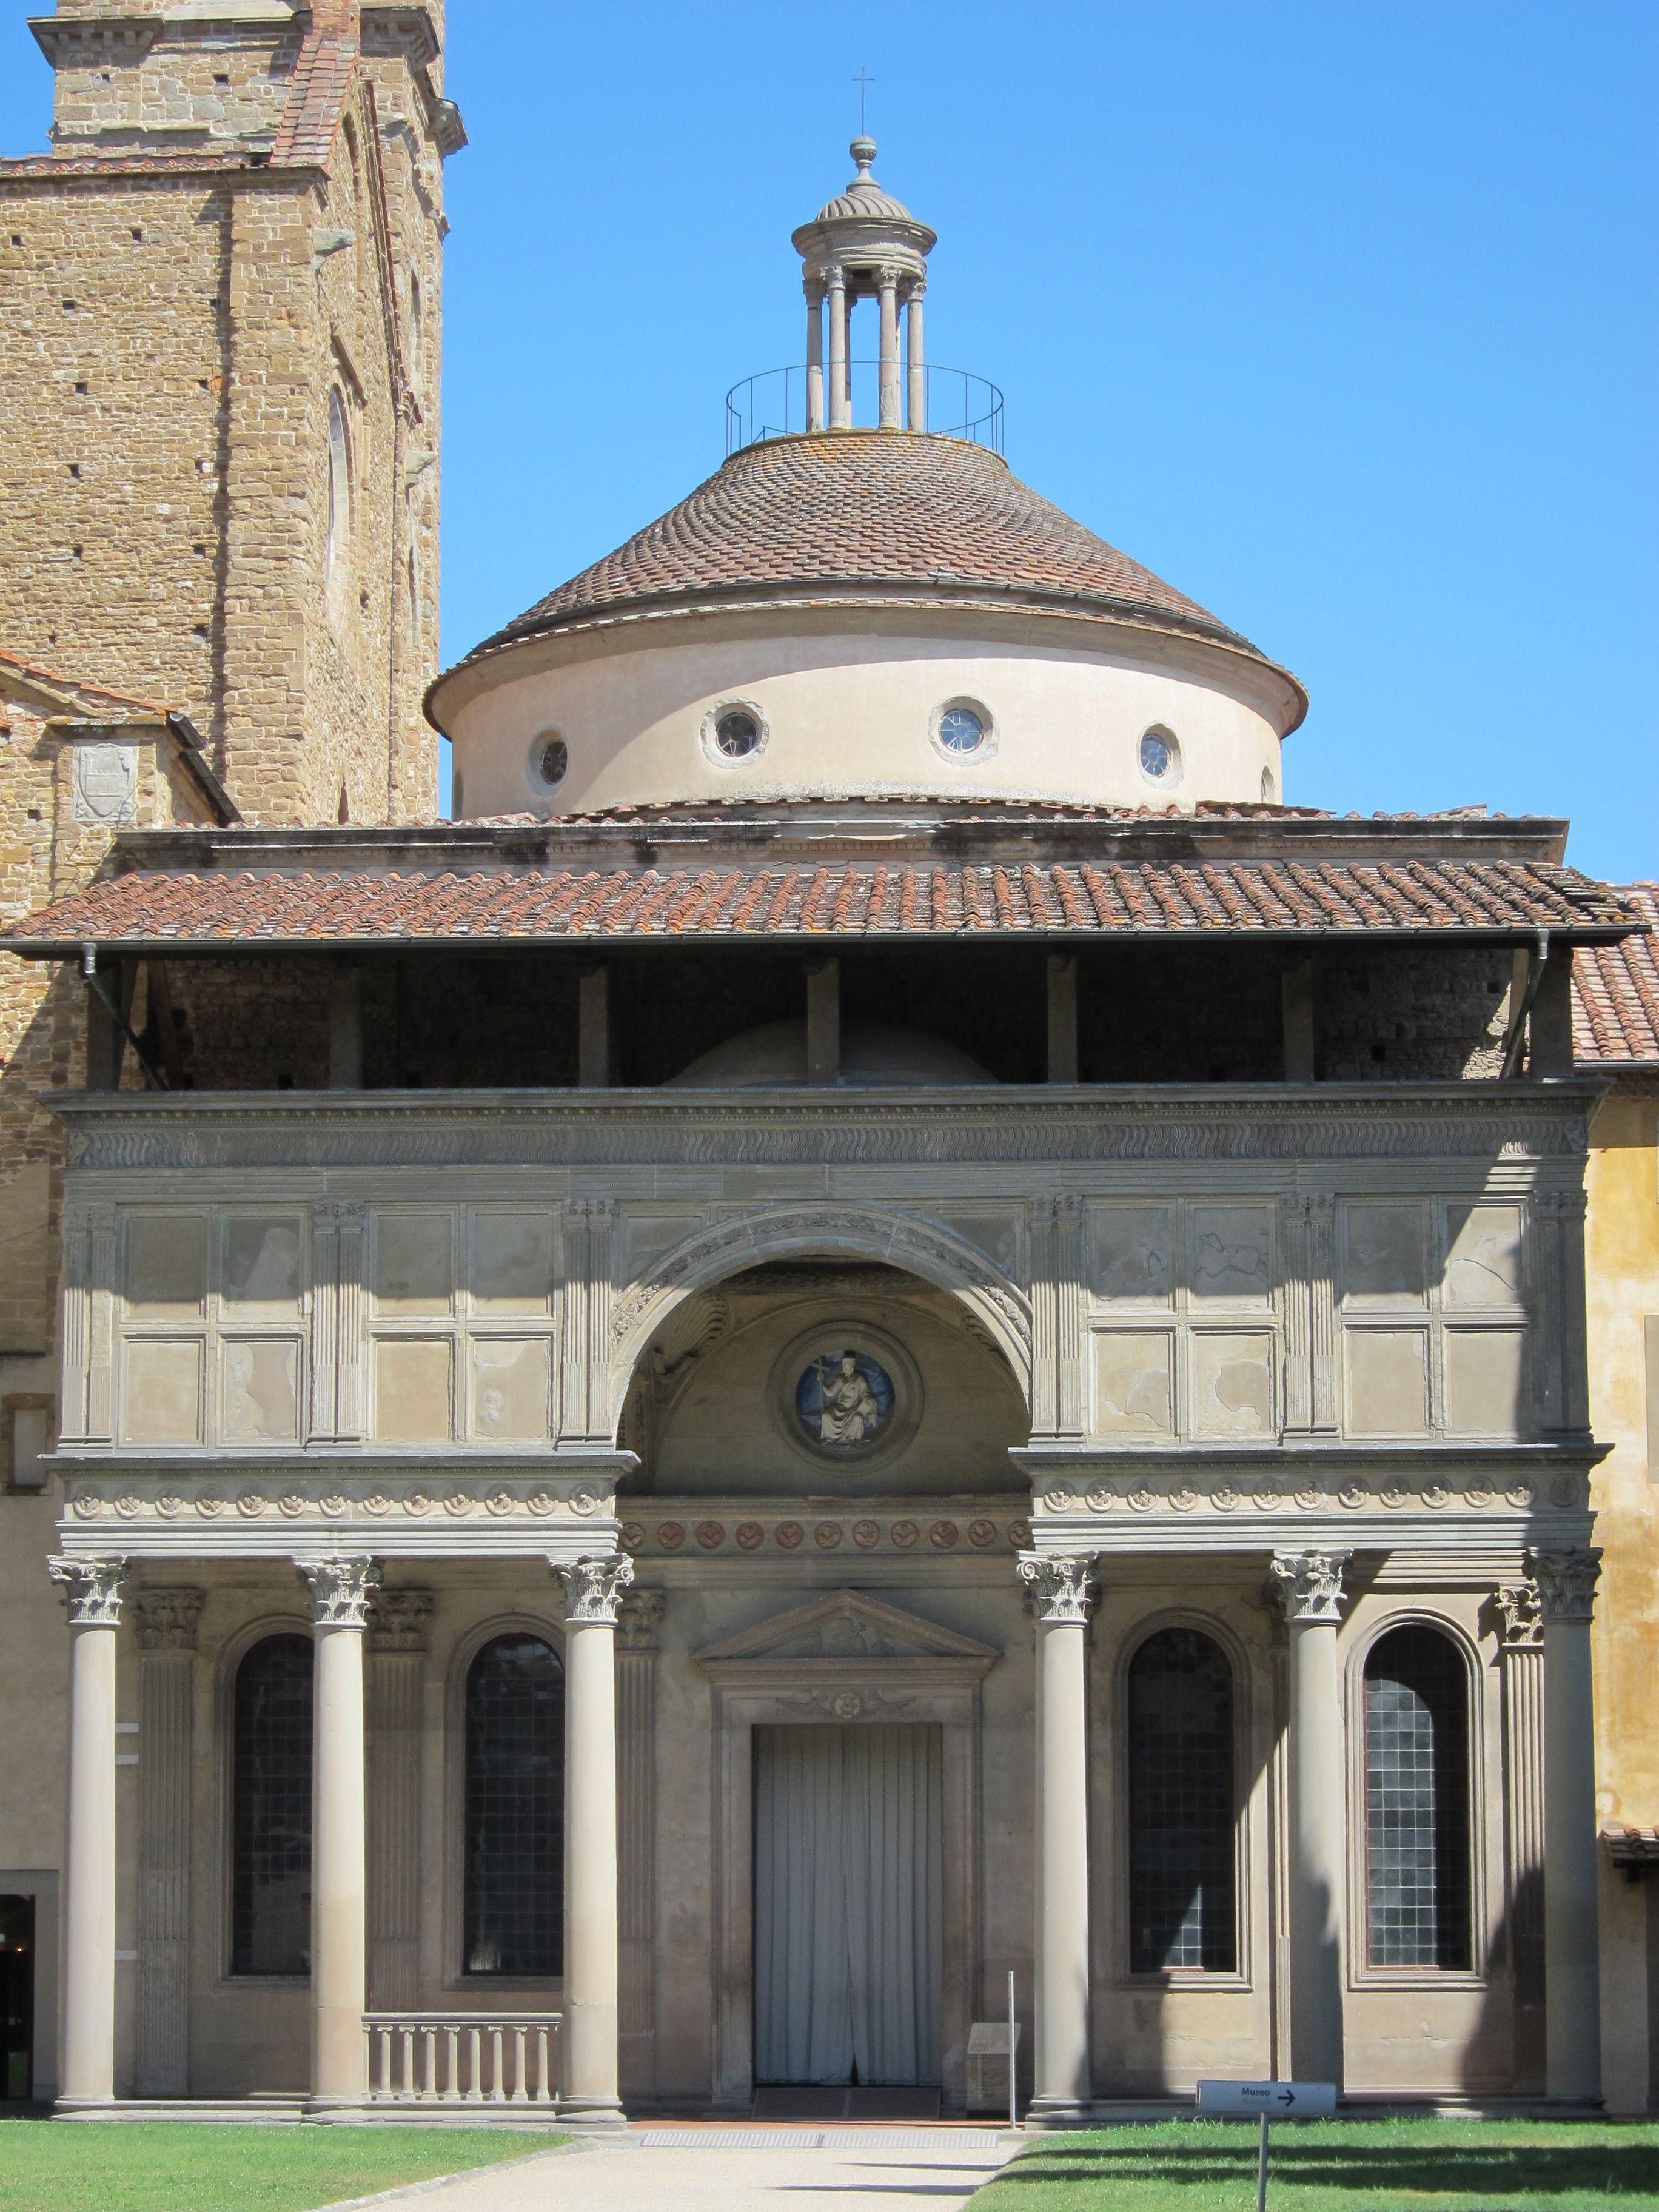 Brunelleschi poh ebn kaple pazzi 1443 1446 for Architecture renaissance